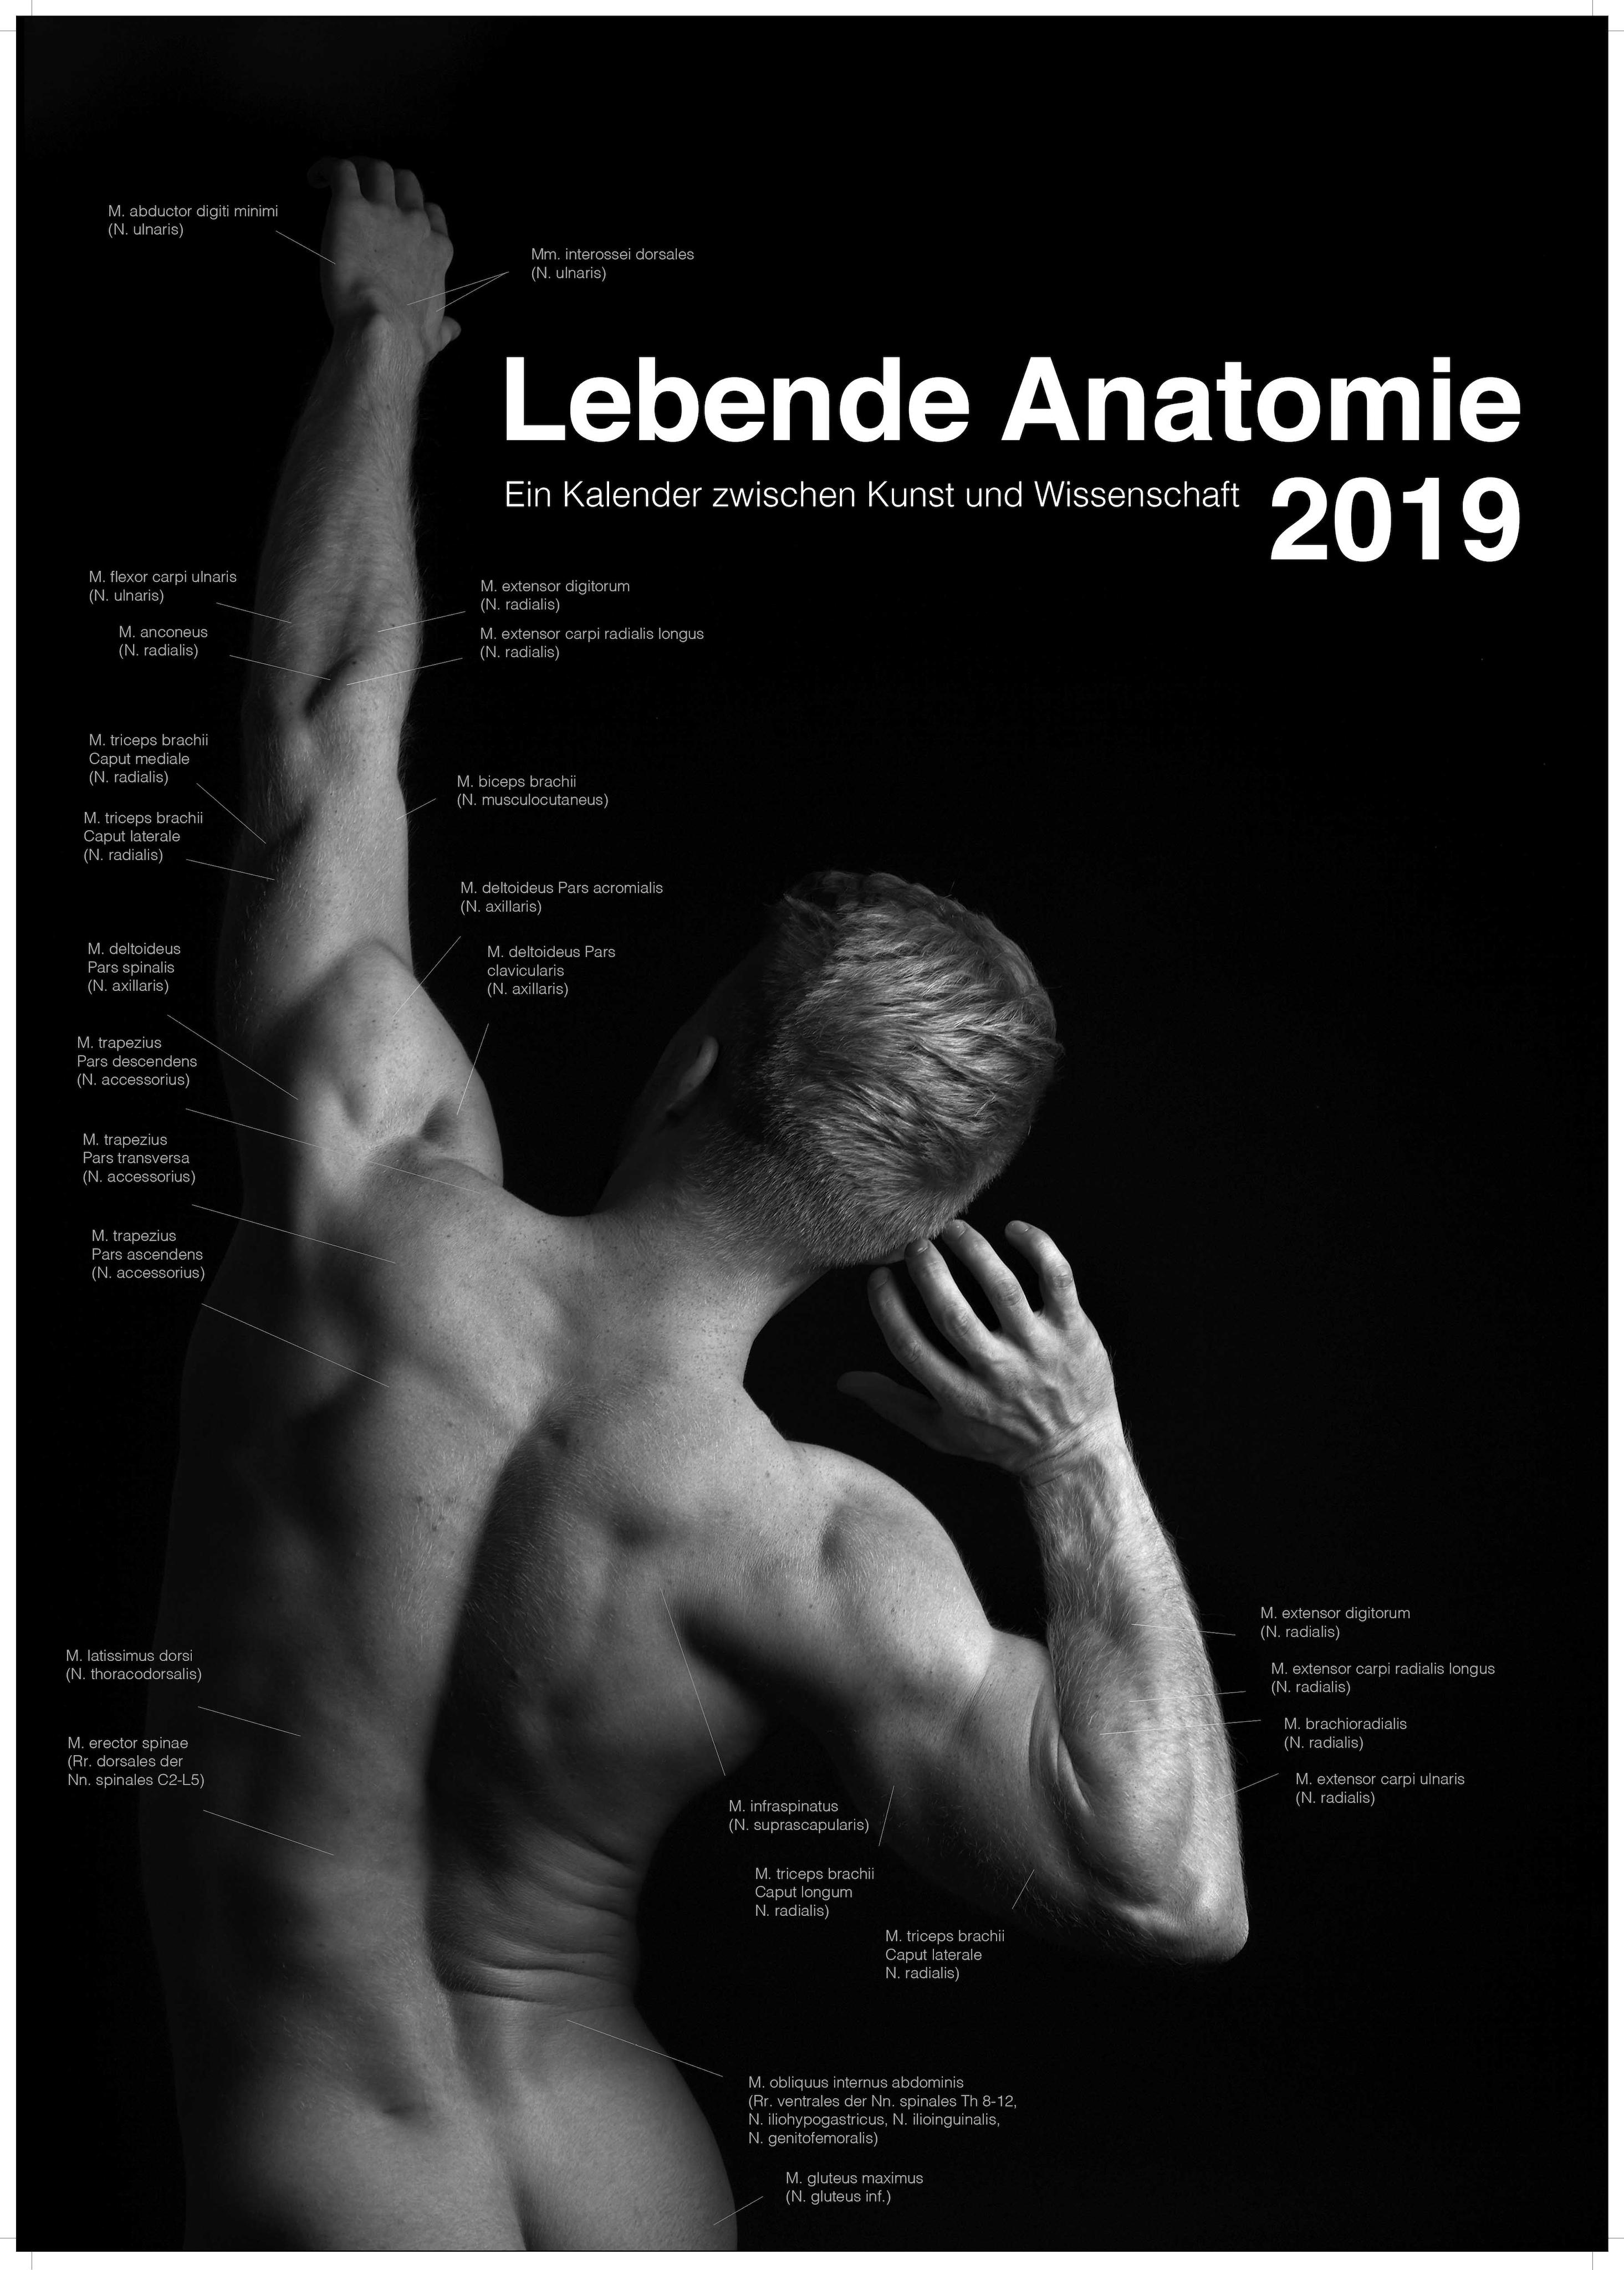 Lebende Anatomie 2019 von Valentin, Sophie, Voigtländer, Sten Hannes: